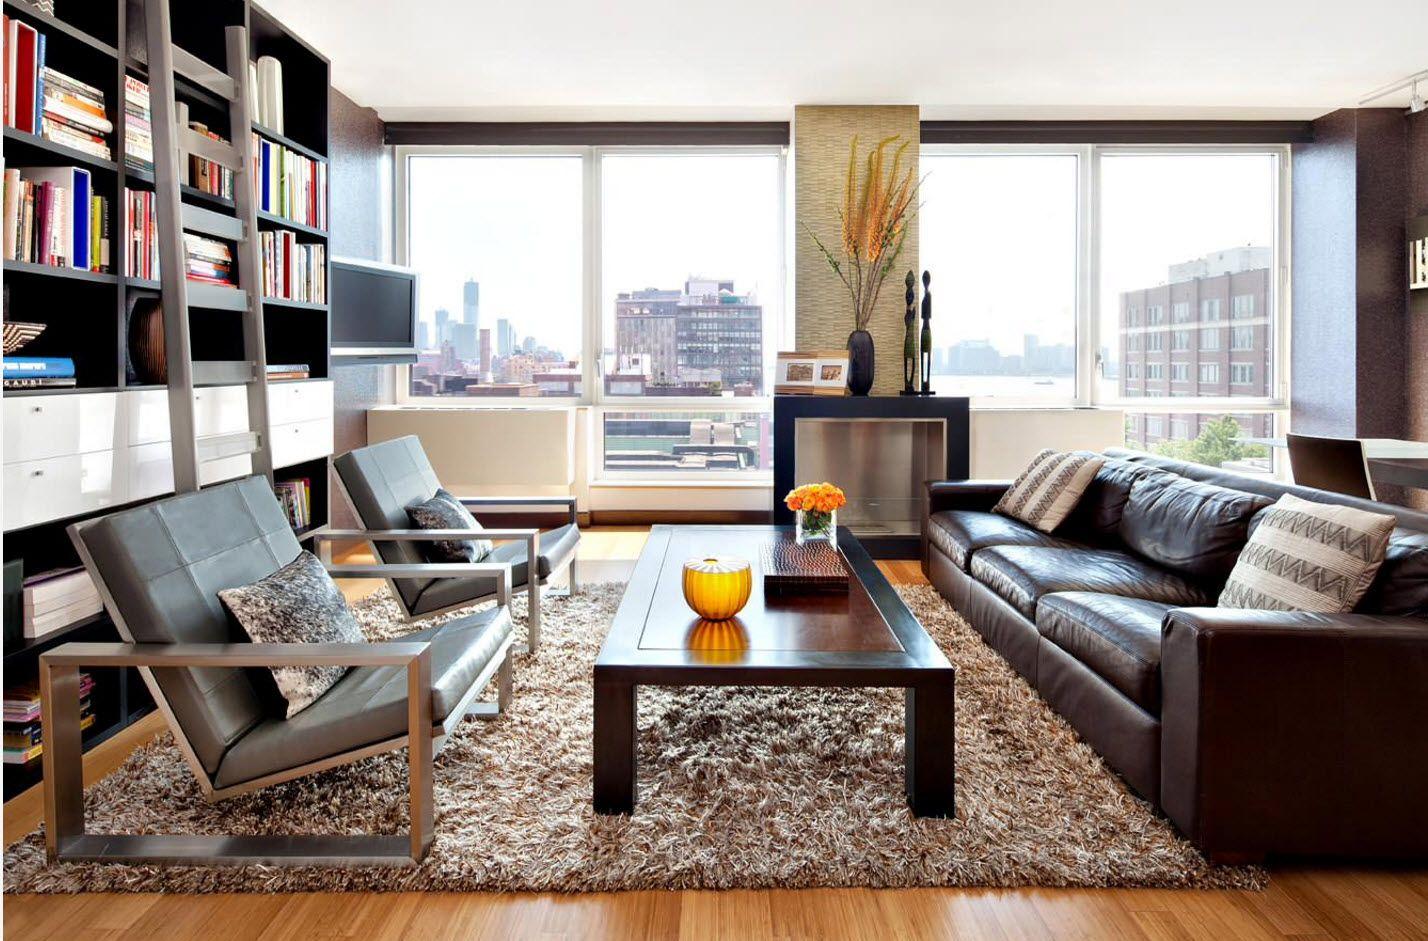 Modern zoned living room near the book shelve